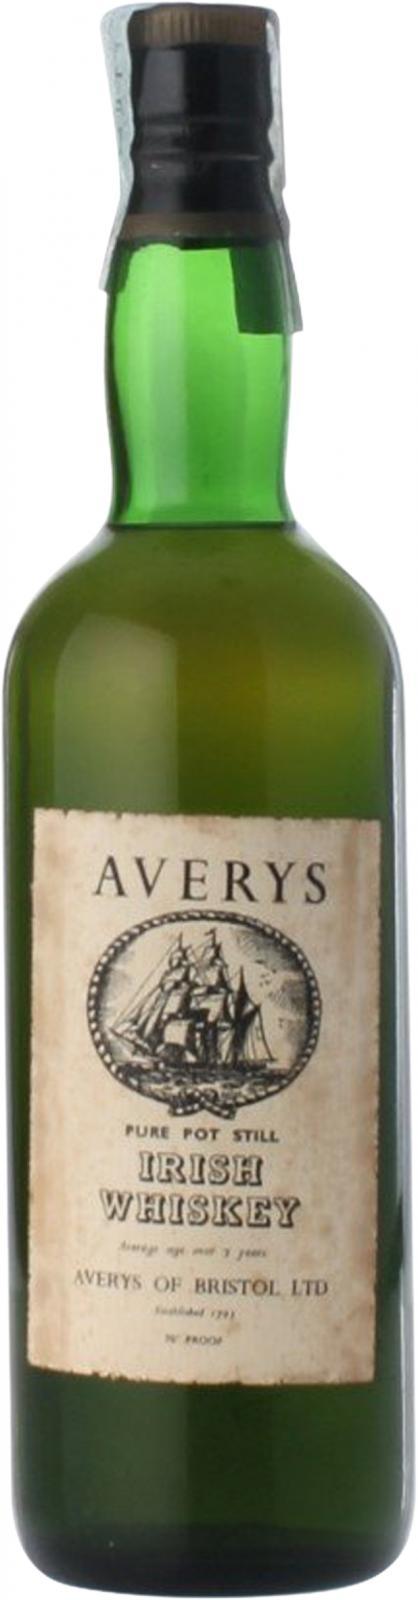 Averys Pure Pot Still